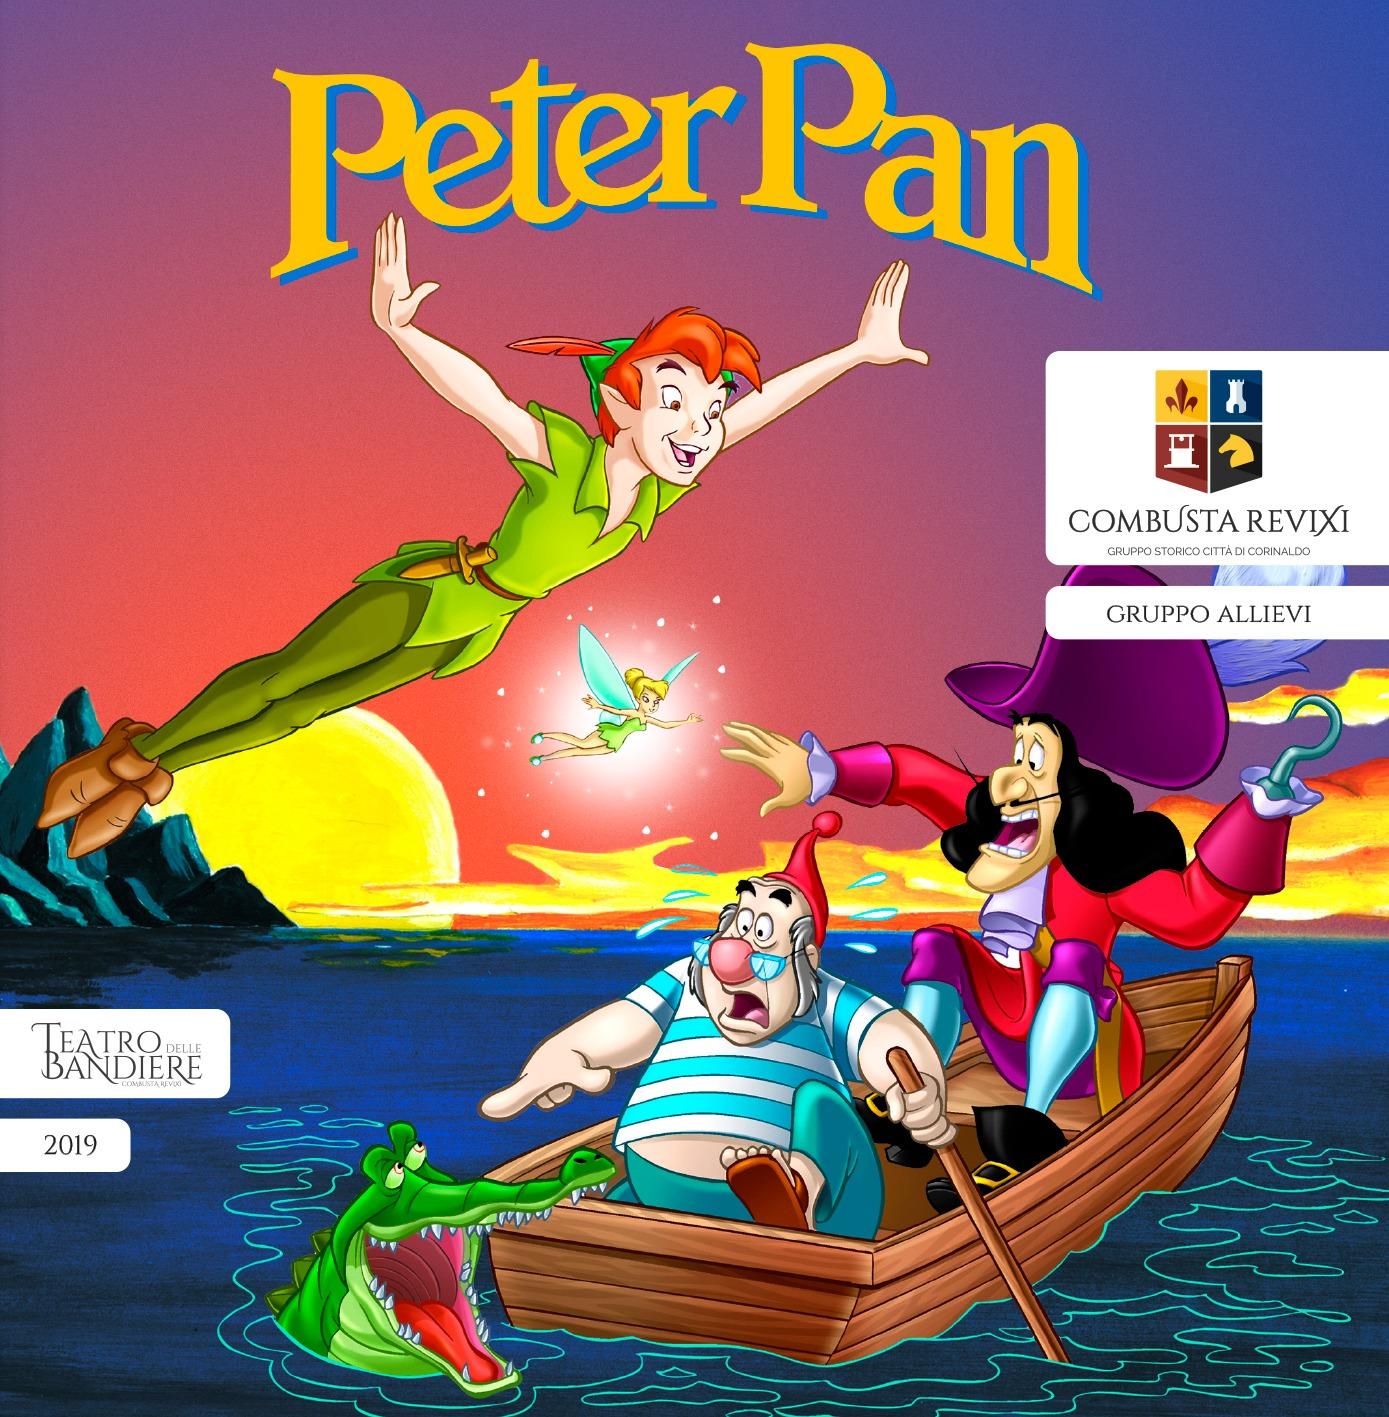 Lo Spettacolo Peter Pan degli Allievi Sbandieratori a Giove (Tr)